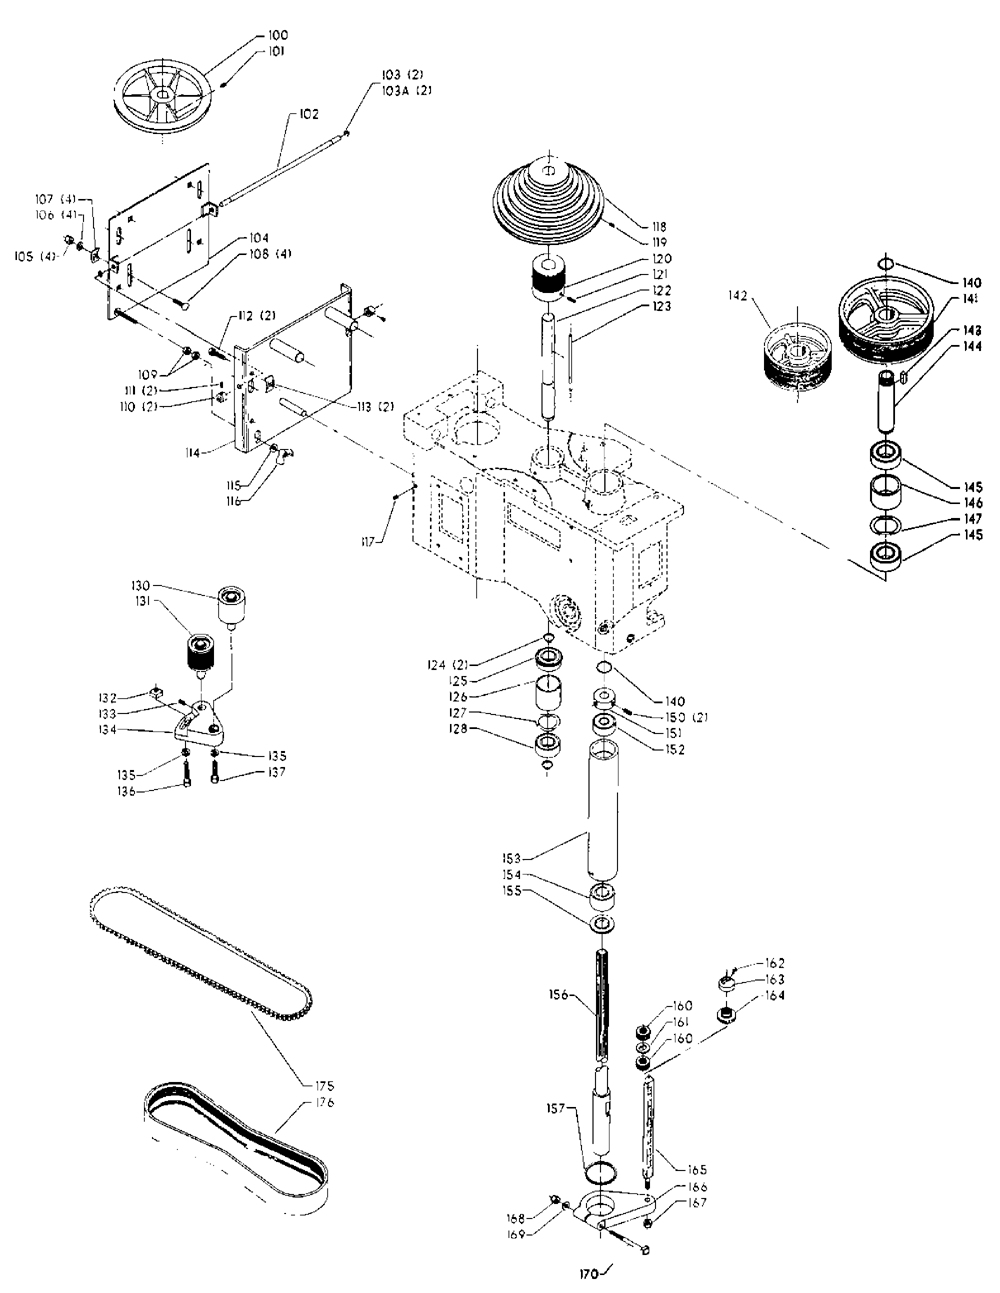 70-245-Delta-T1-PB-3Break Down